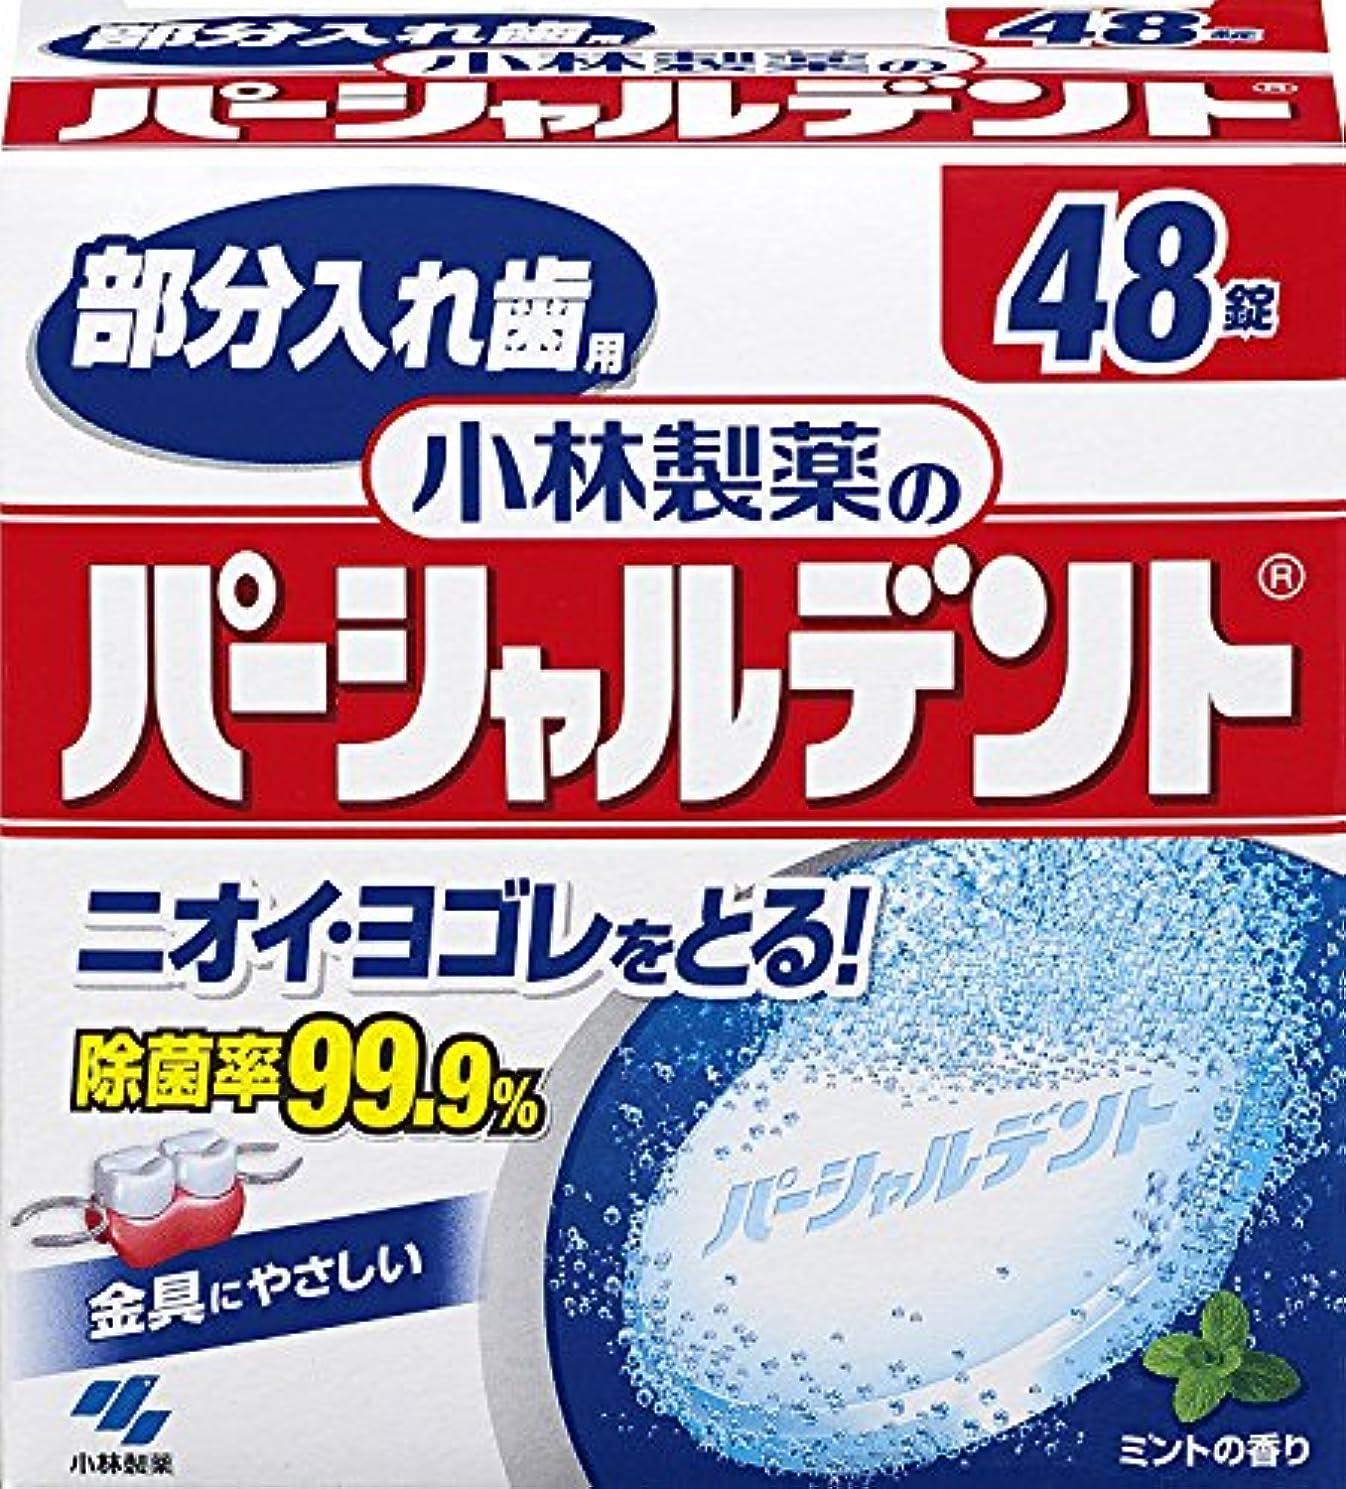 ミシン目ポーズコーラス小林製薬のパーシャルデント 部分入れ歯用 洗浄剤 ミントの香 48錠